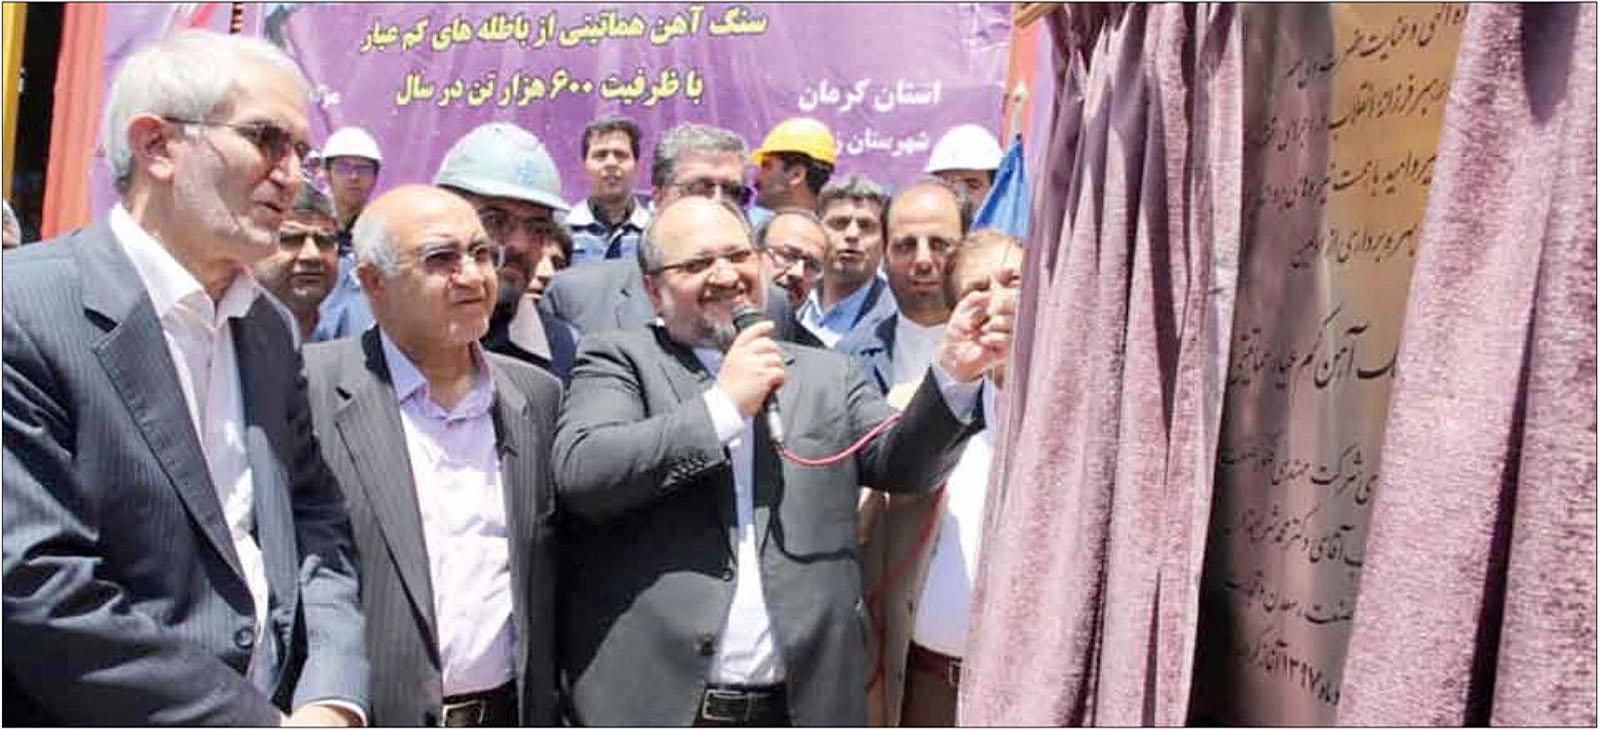 افتتاح کارخانه کنسانتره سنگ آهن هماتیتی فکور صنعت تهران